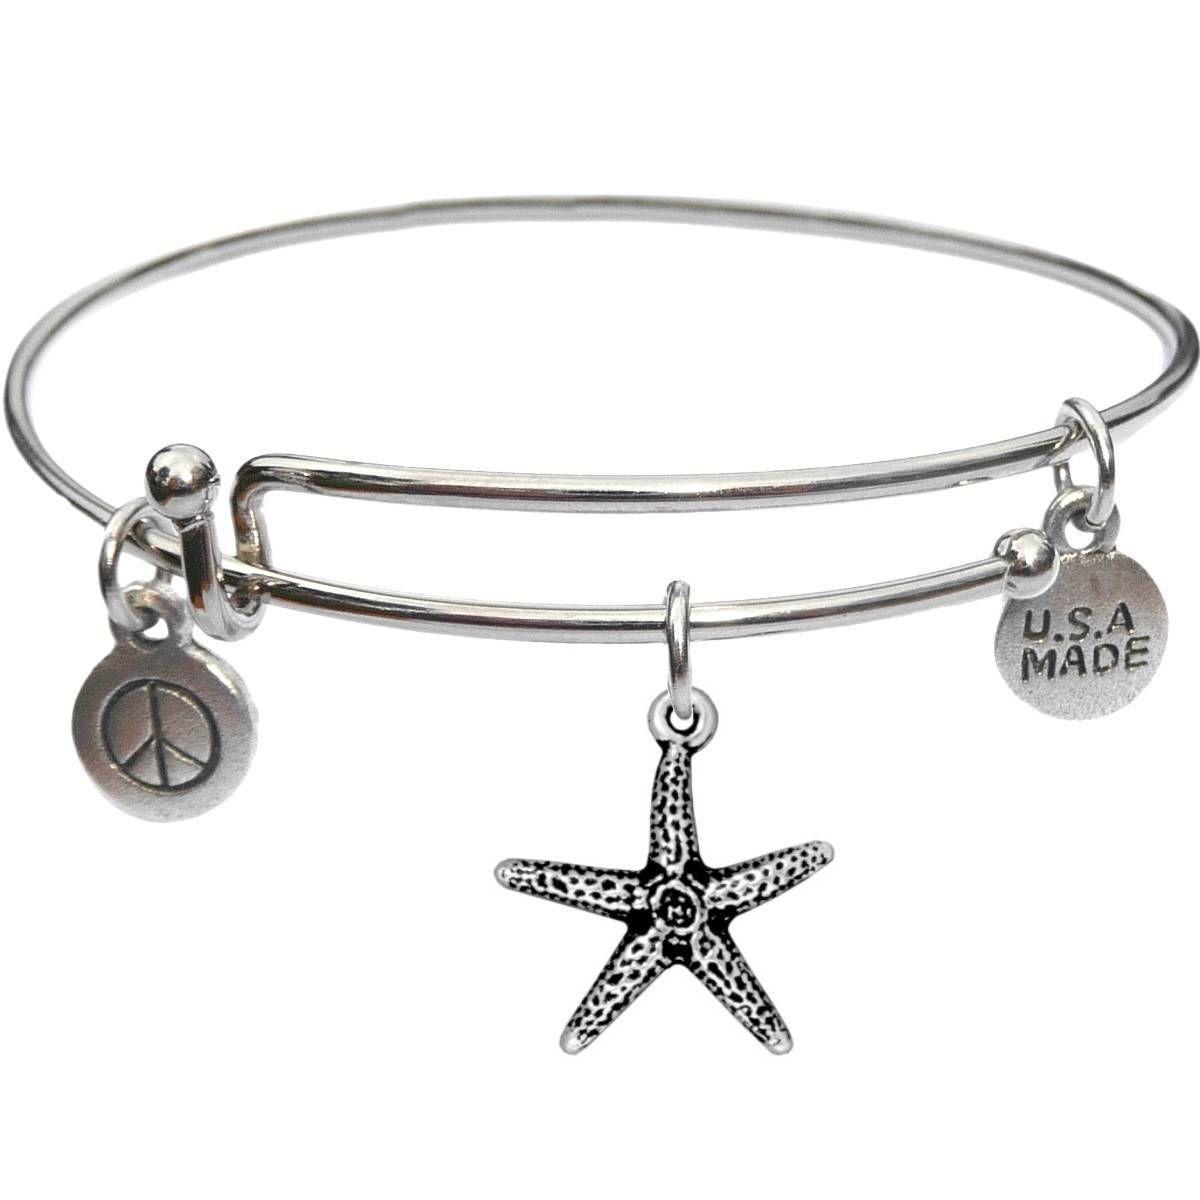 Bangle Bracelet and Seastar - USA Made - BBandJT169